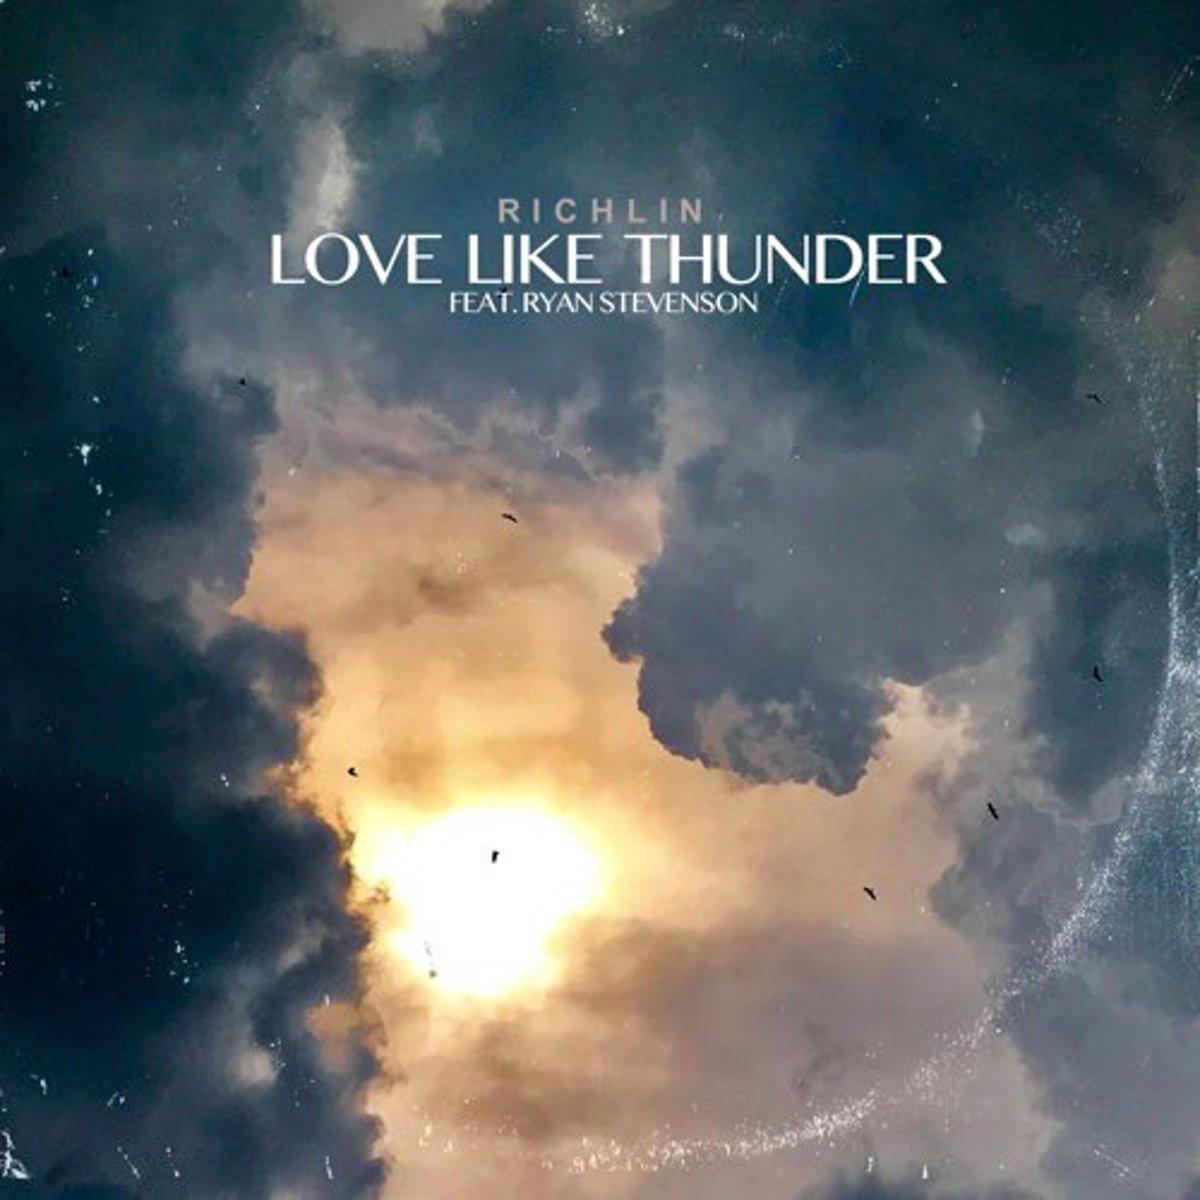 Love Like Thunder (feat. Ryan Stevenson)